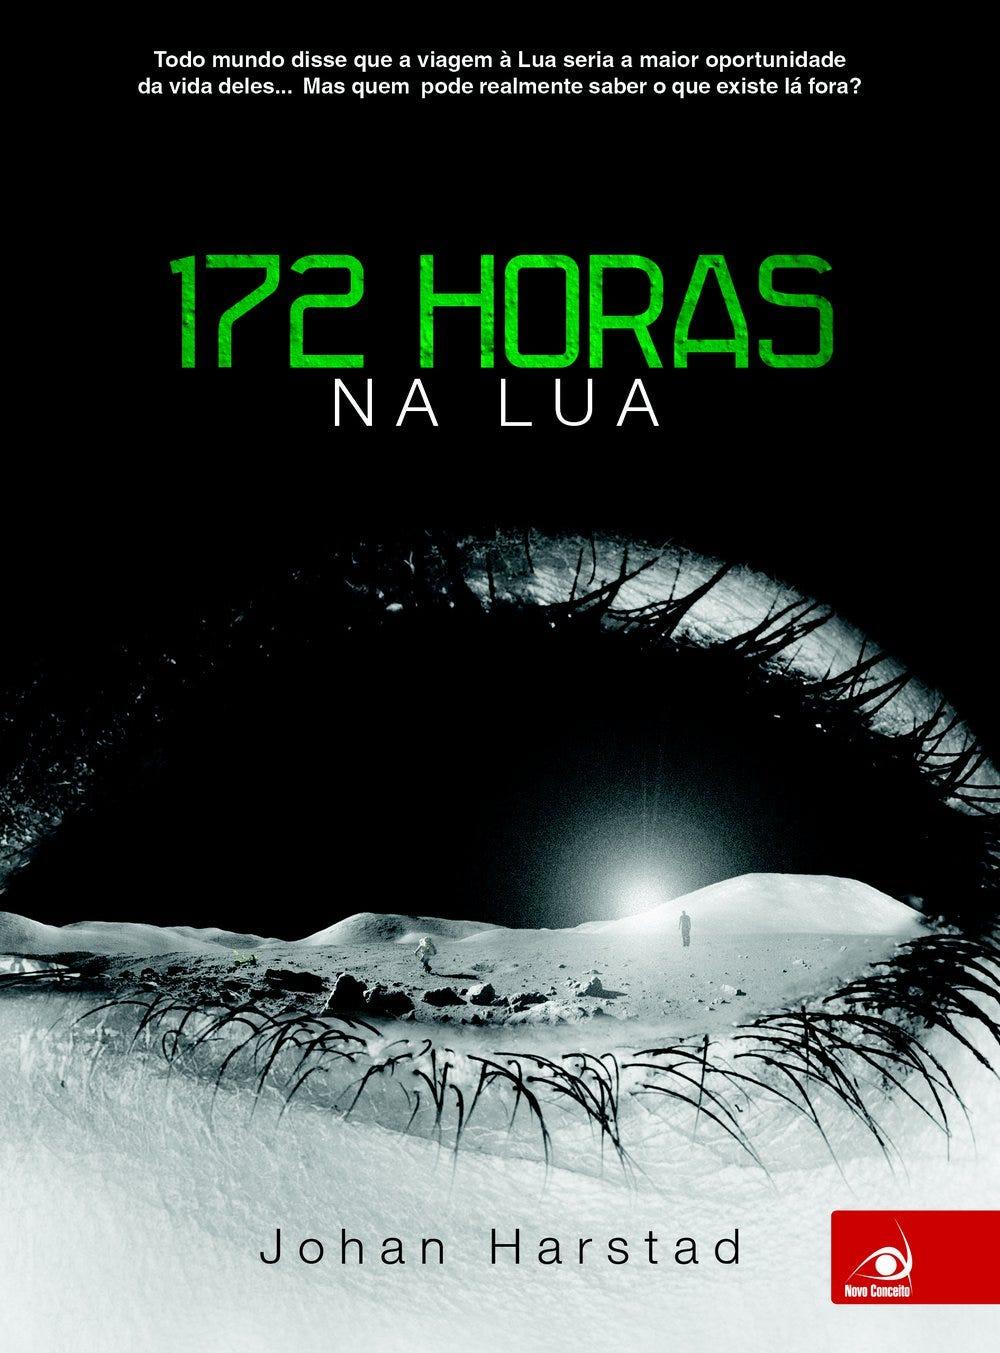 172 horas na lua